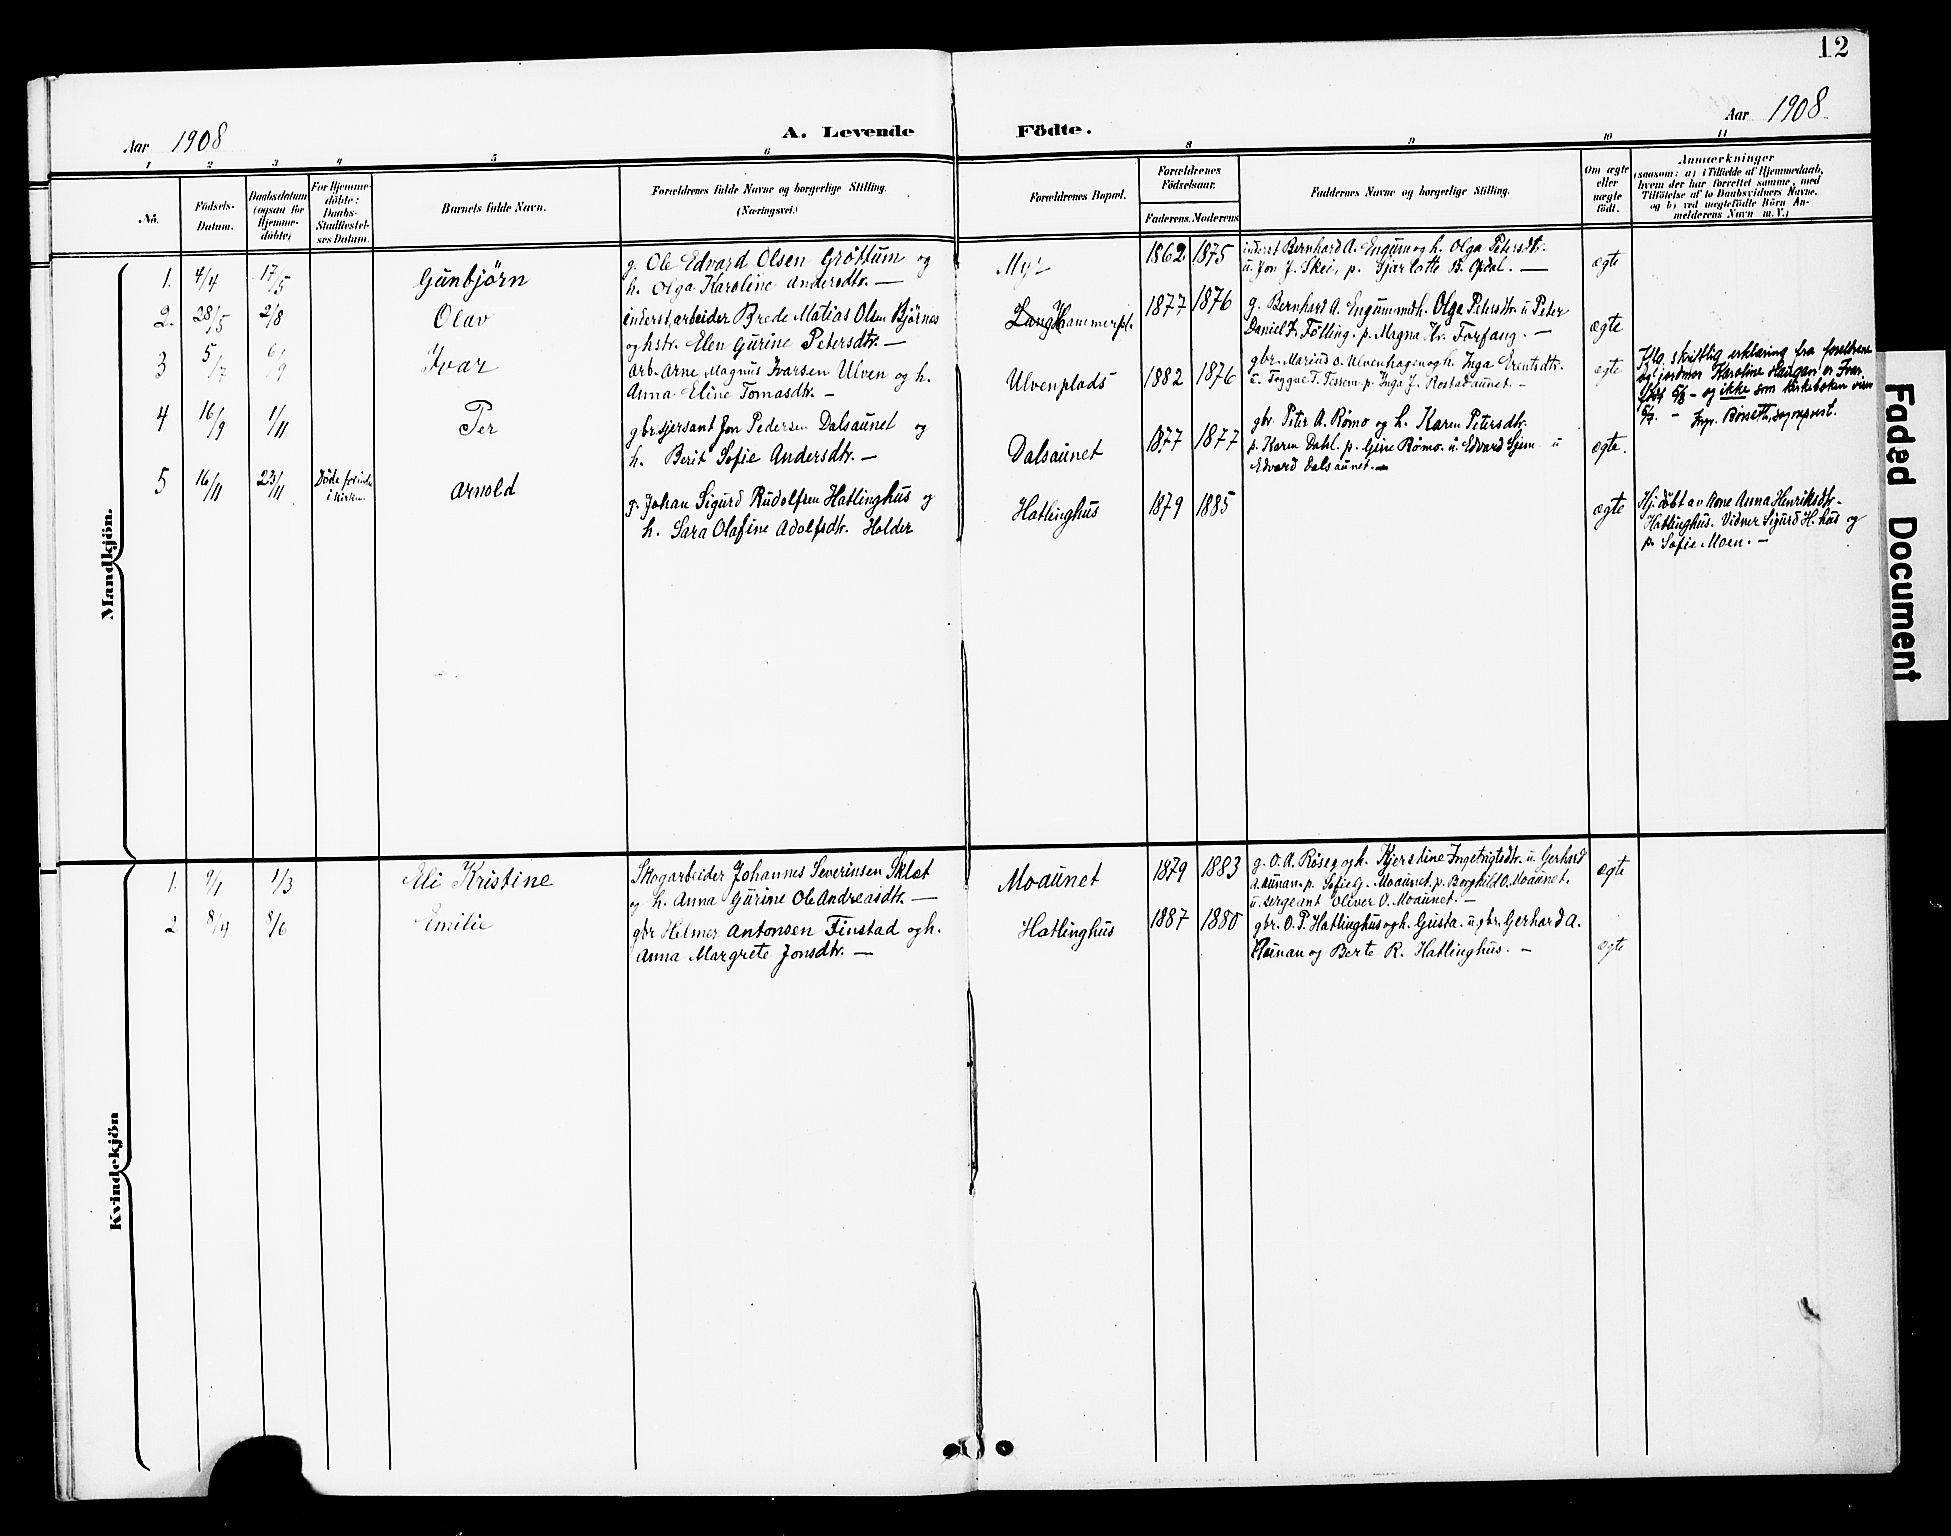 SAT, Ministerialprotokoller, klokkerbøker og fødselsregistre - Nord-Trøndelag, 748/L0464: Ministerialbok nr. 748A01, 1900-1908, s. 12